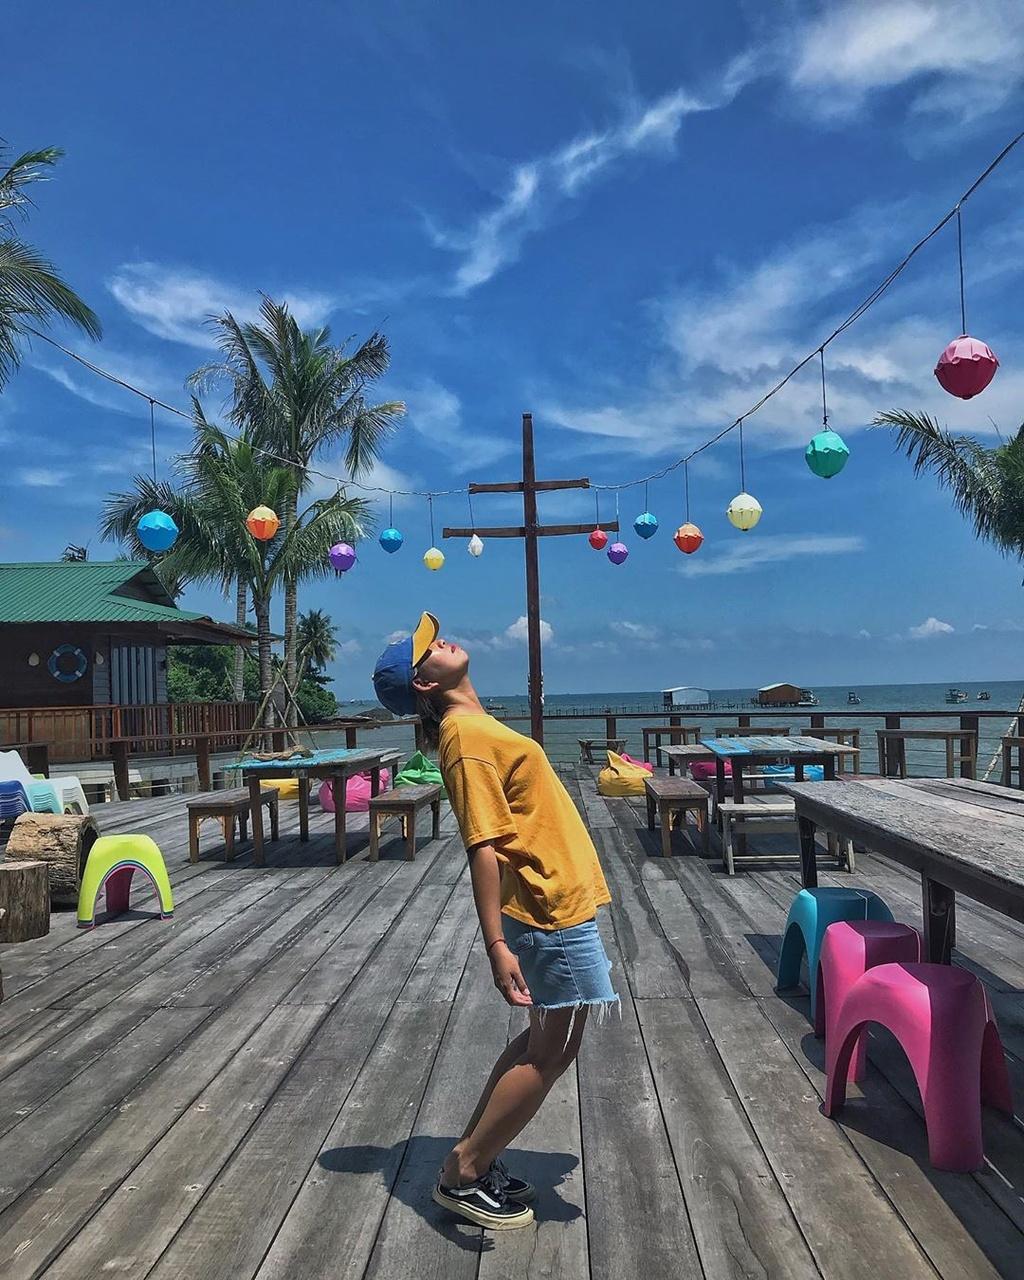 Chill het nac tai 4 diem ca phe view bien tuyet dep o Phu Quoc hinh anh 13  - maungocquan_ - Chill hết nấc tại 4 điểm cà phê view biển tuyệt đẹp ở Phú Quốc